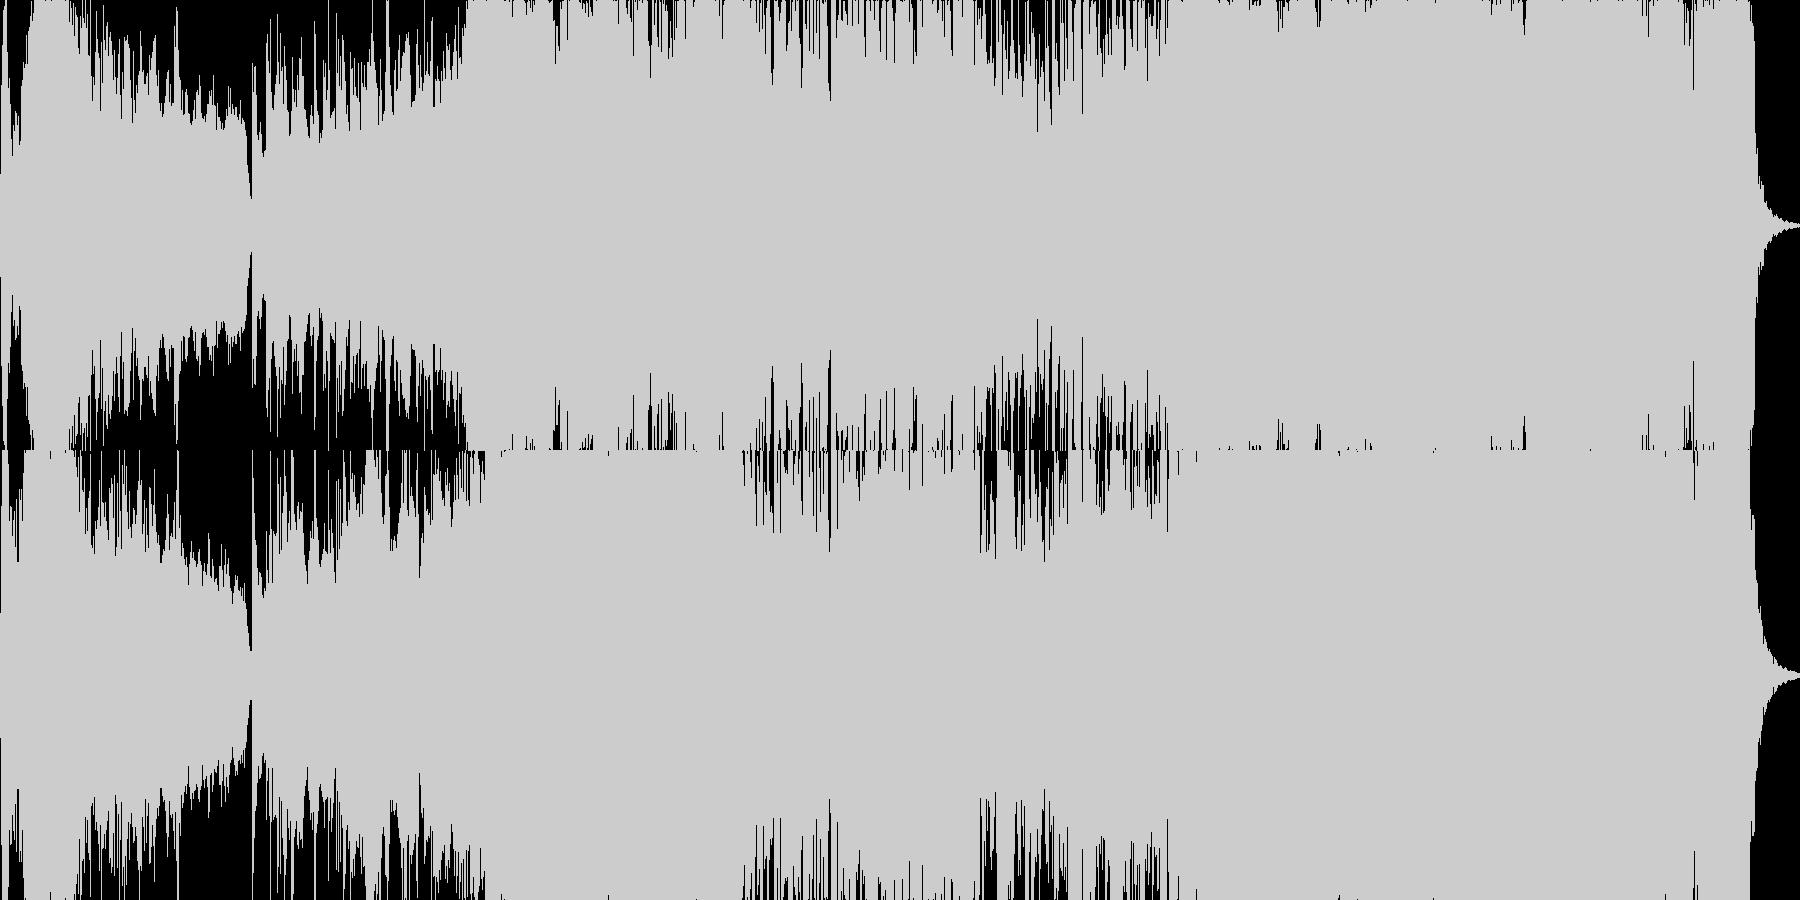 和風管弦楽「天道山河は霧のなか」 の未再生の波形